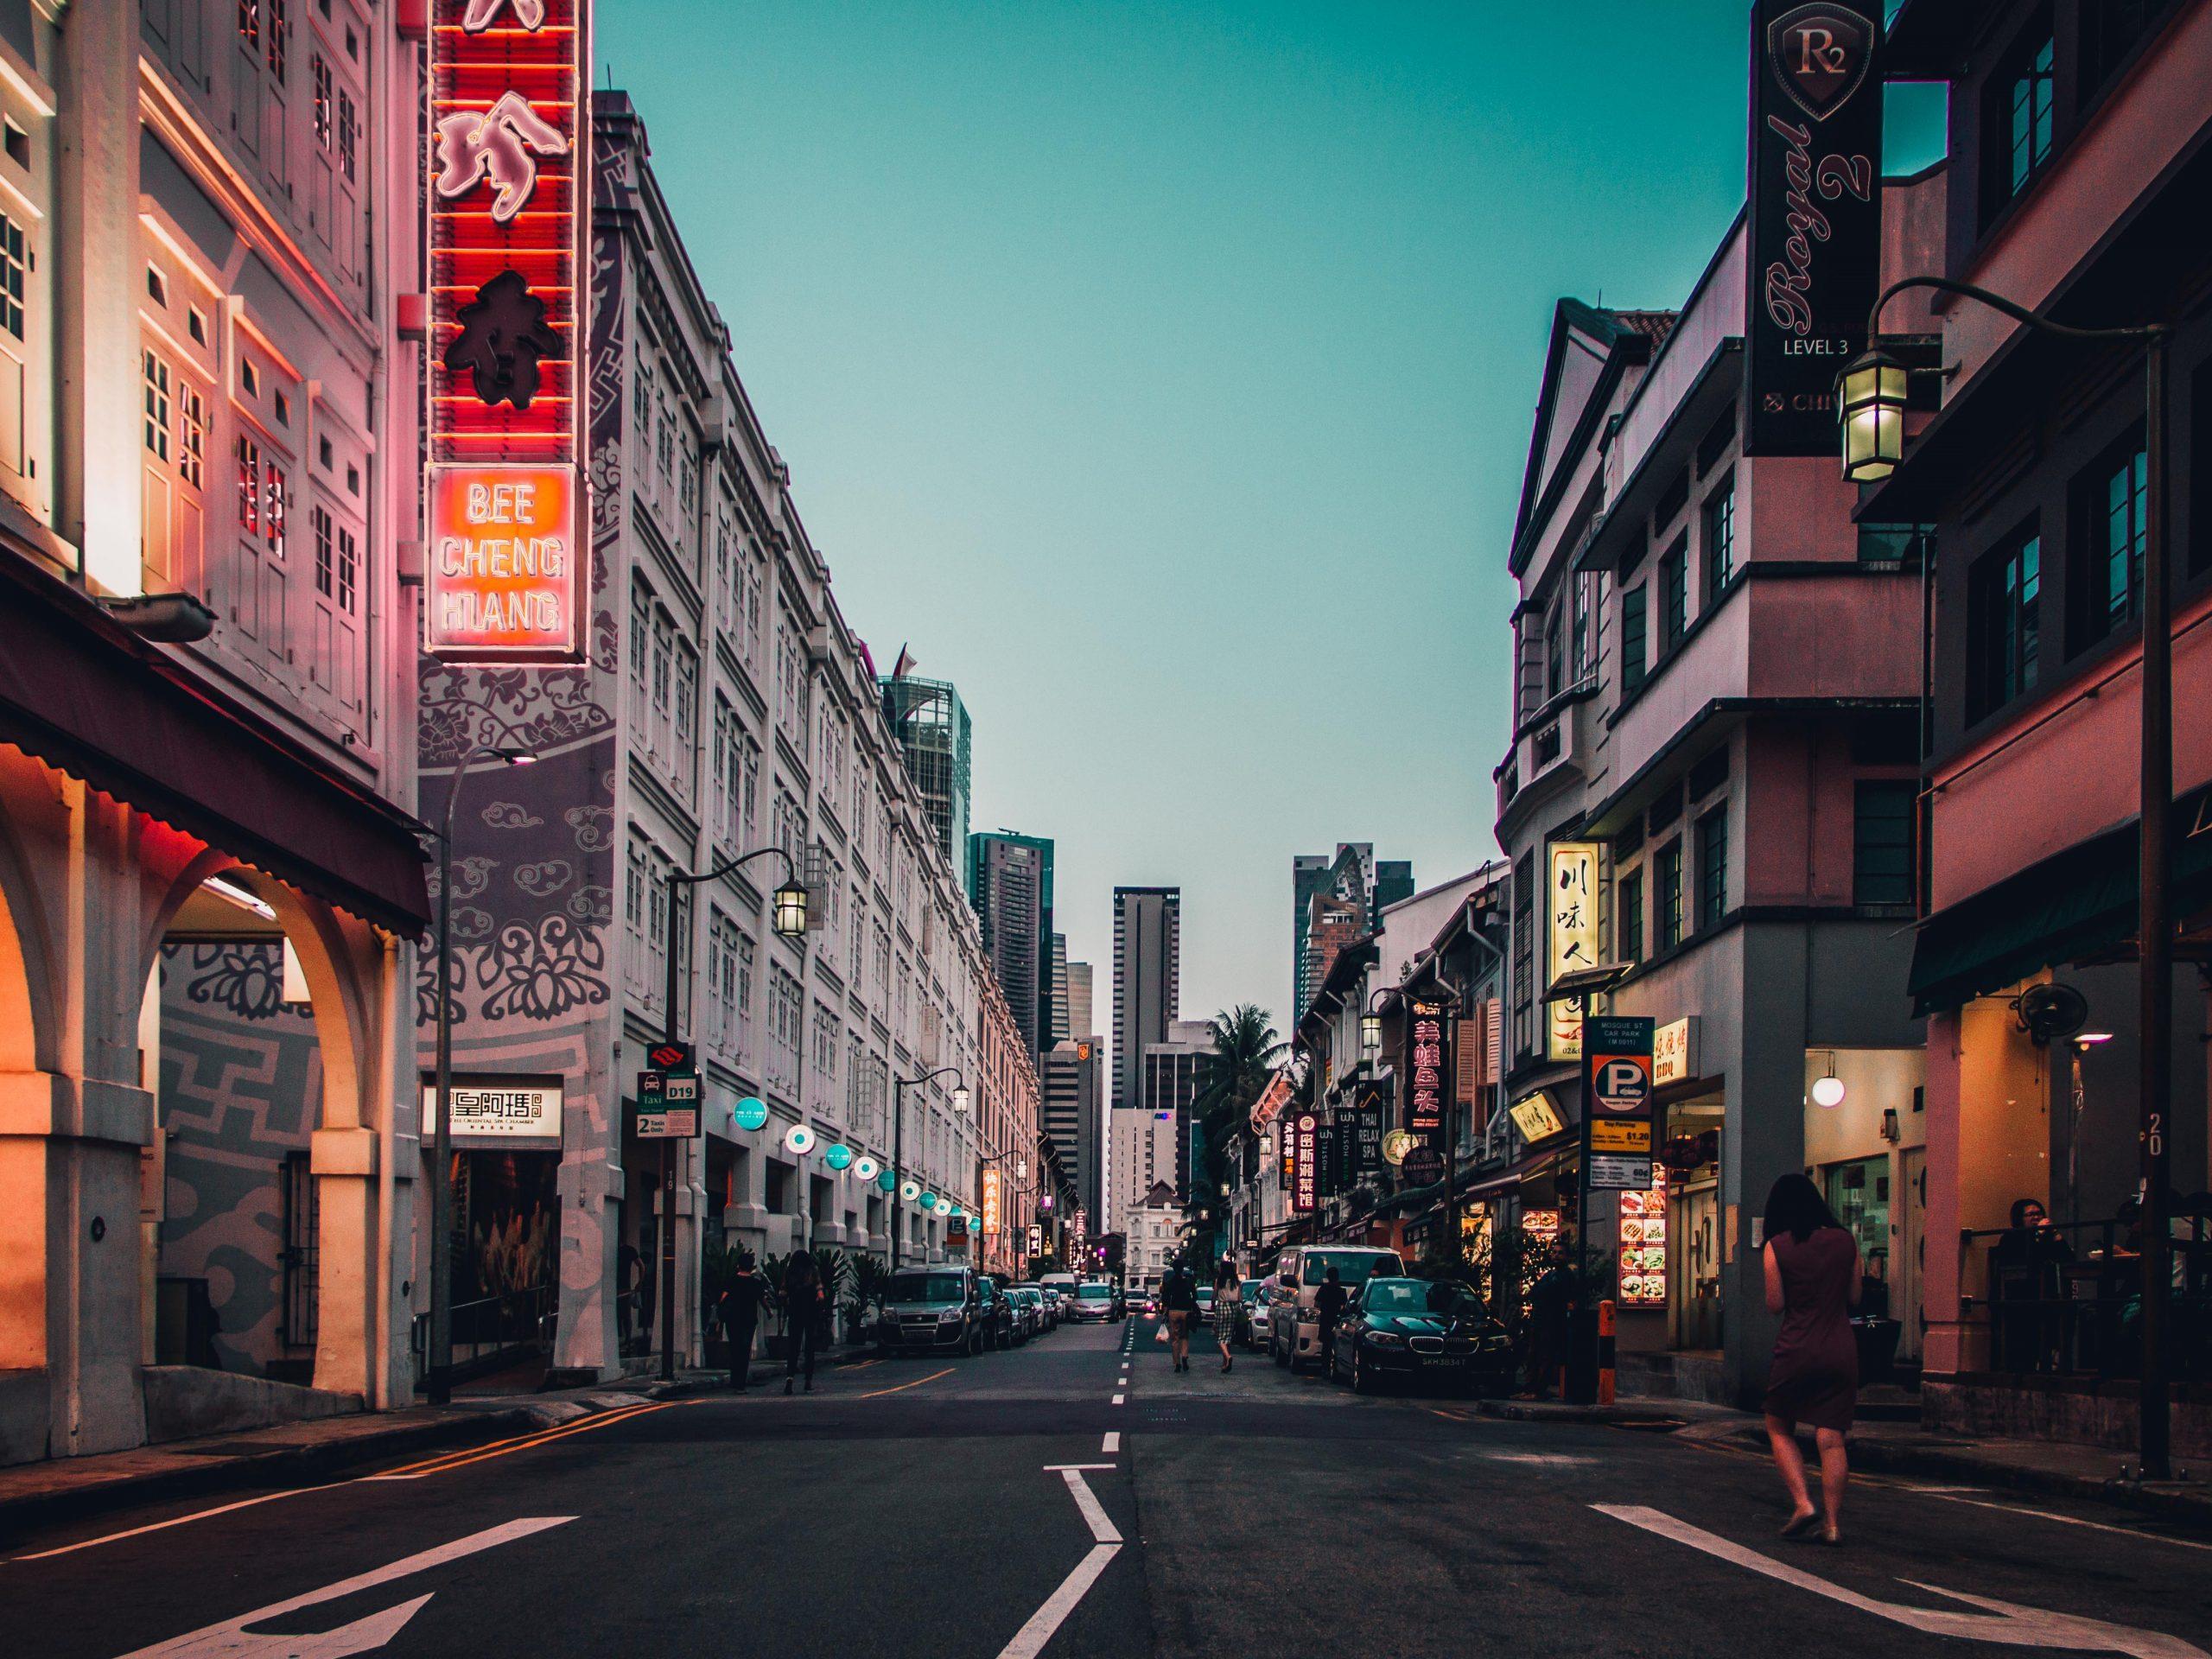 Quiet evening in Chinatown